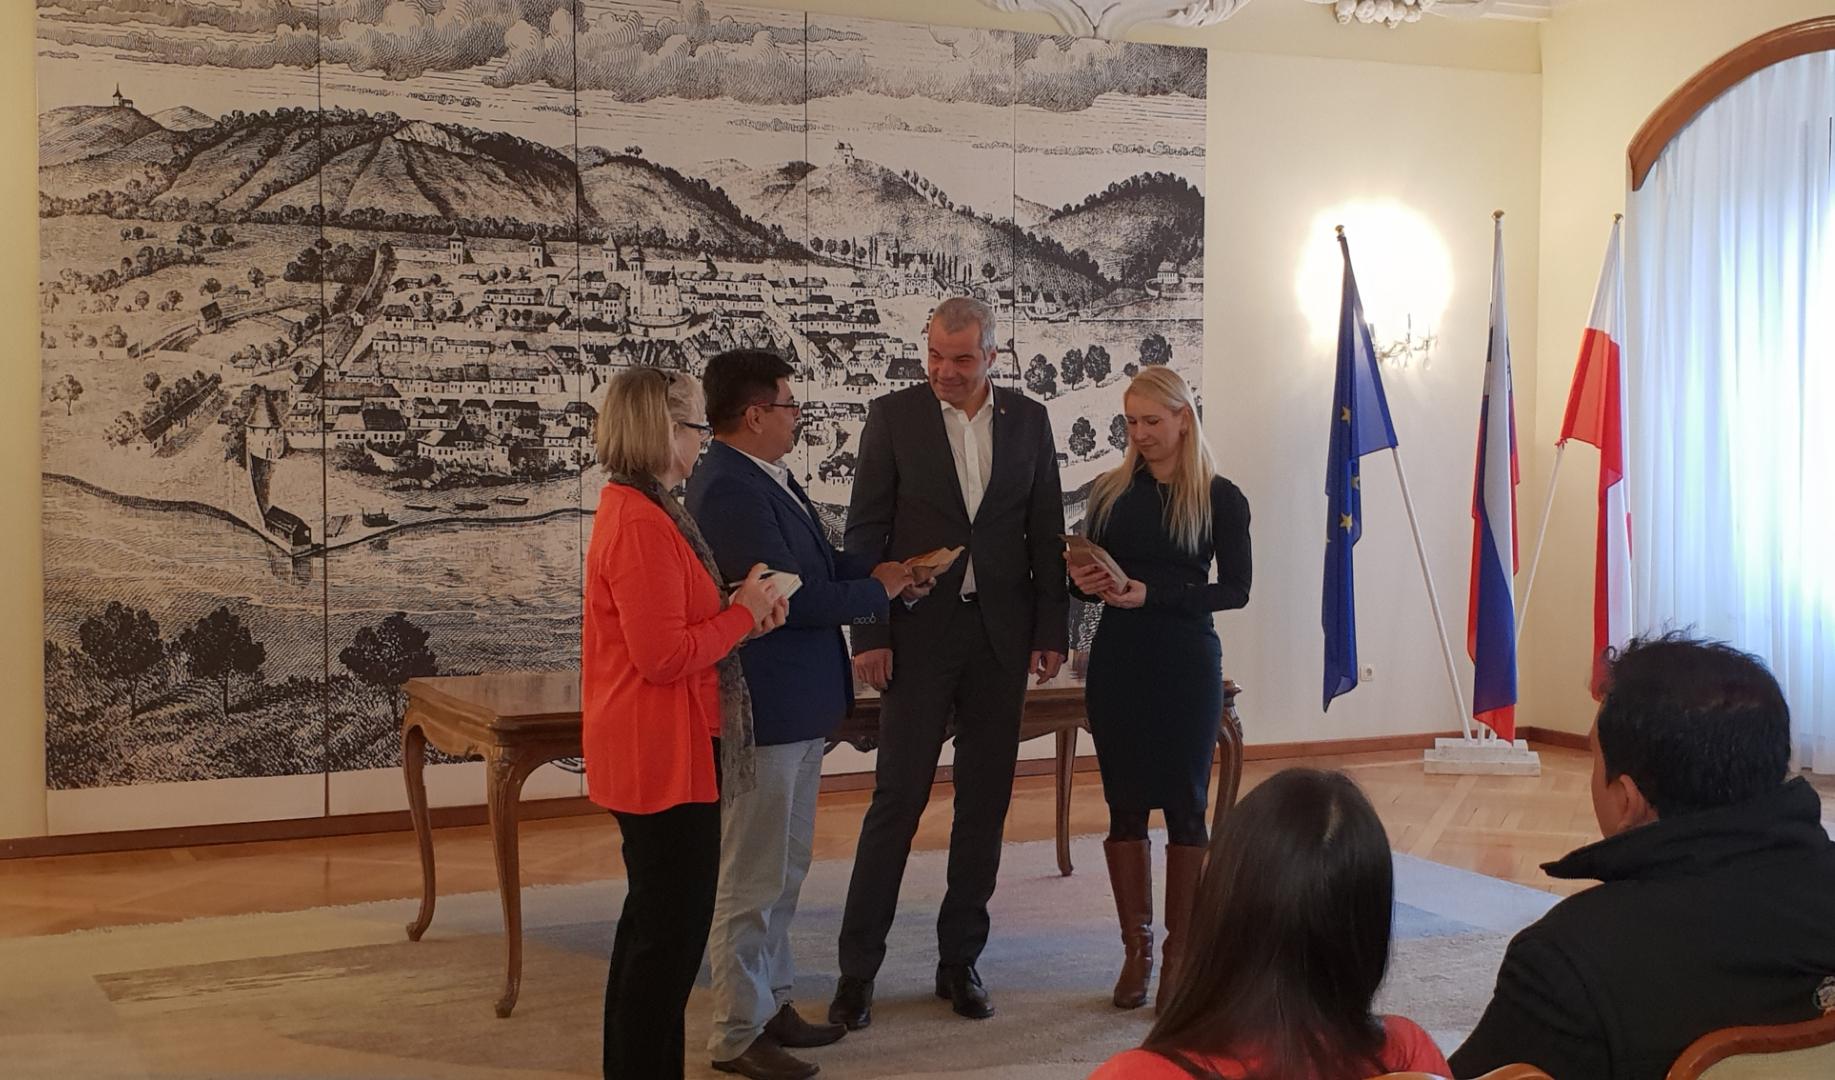 Perujska delegacija na obisku v Mariboru